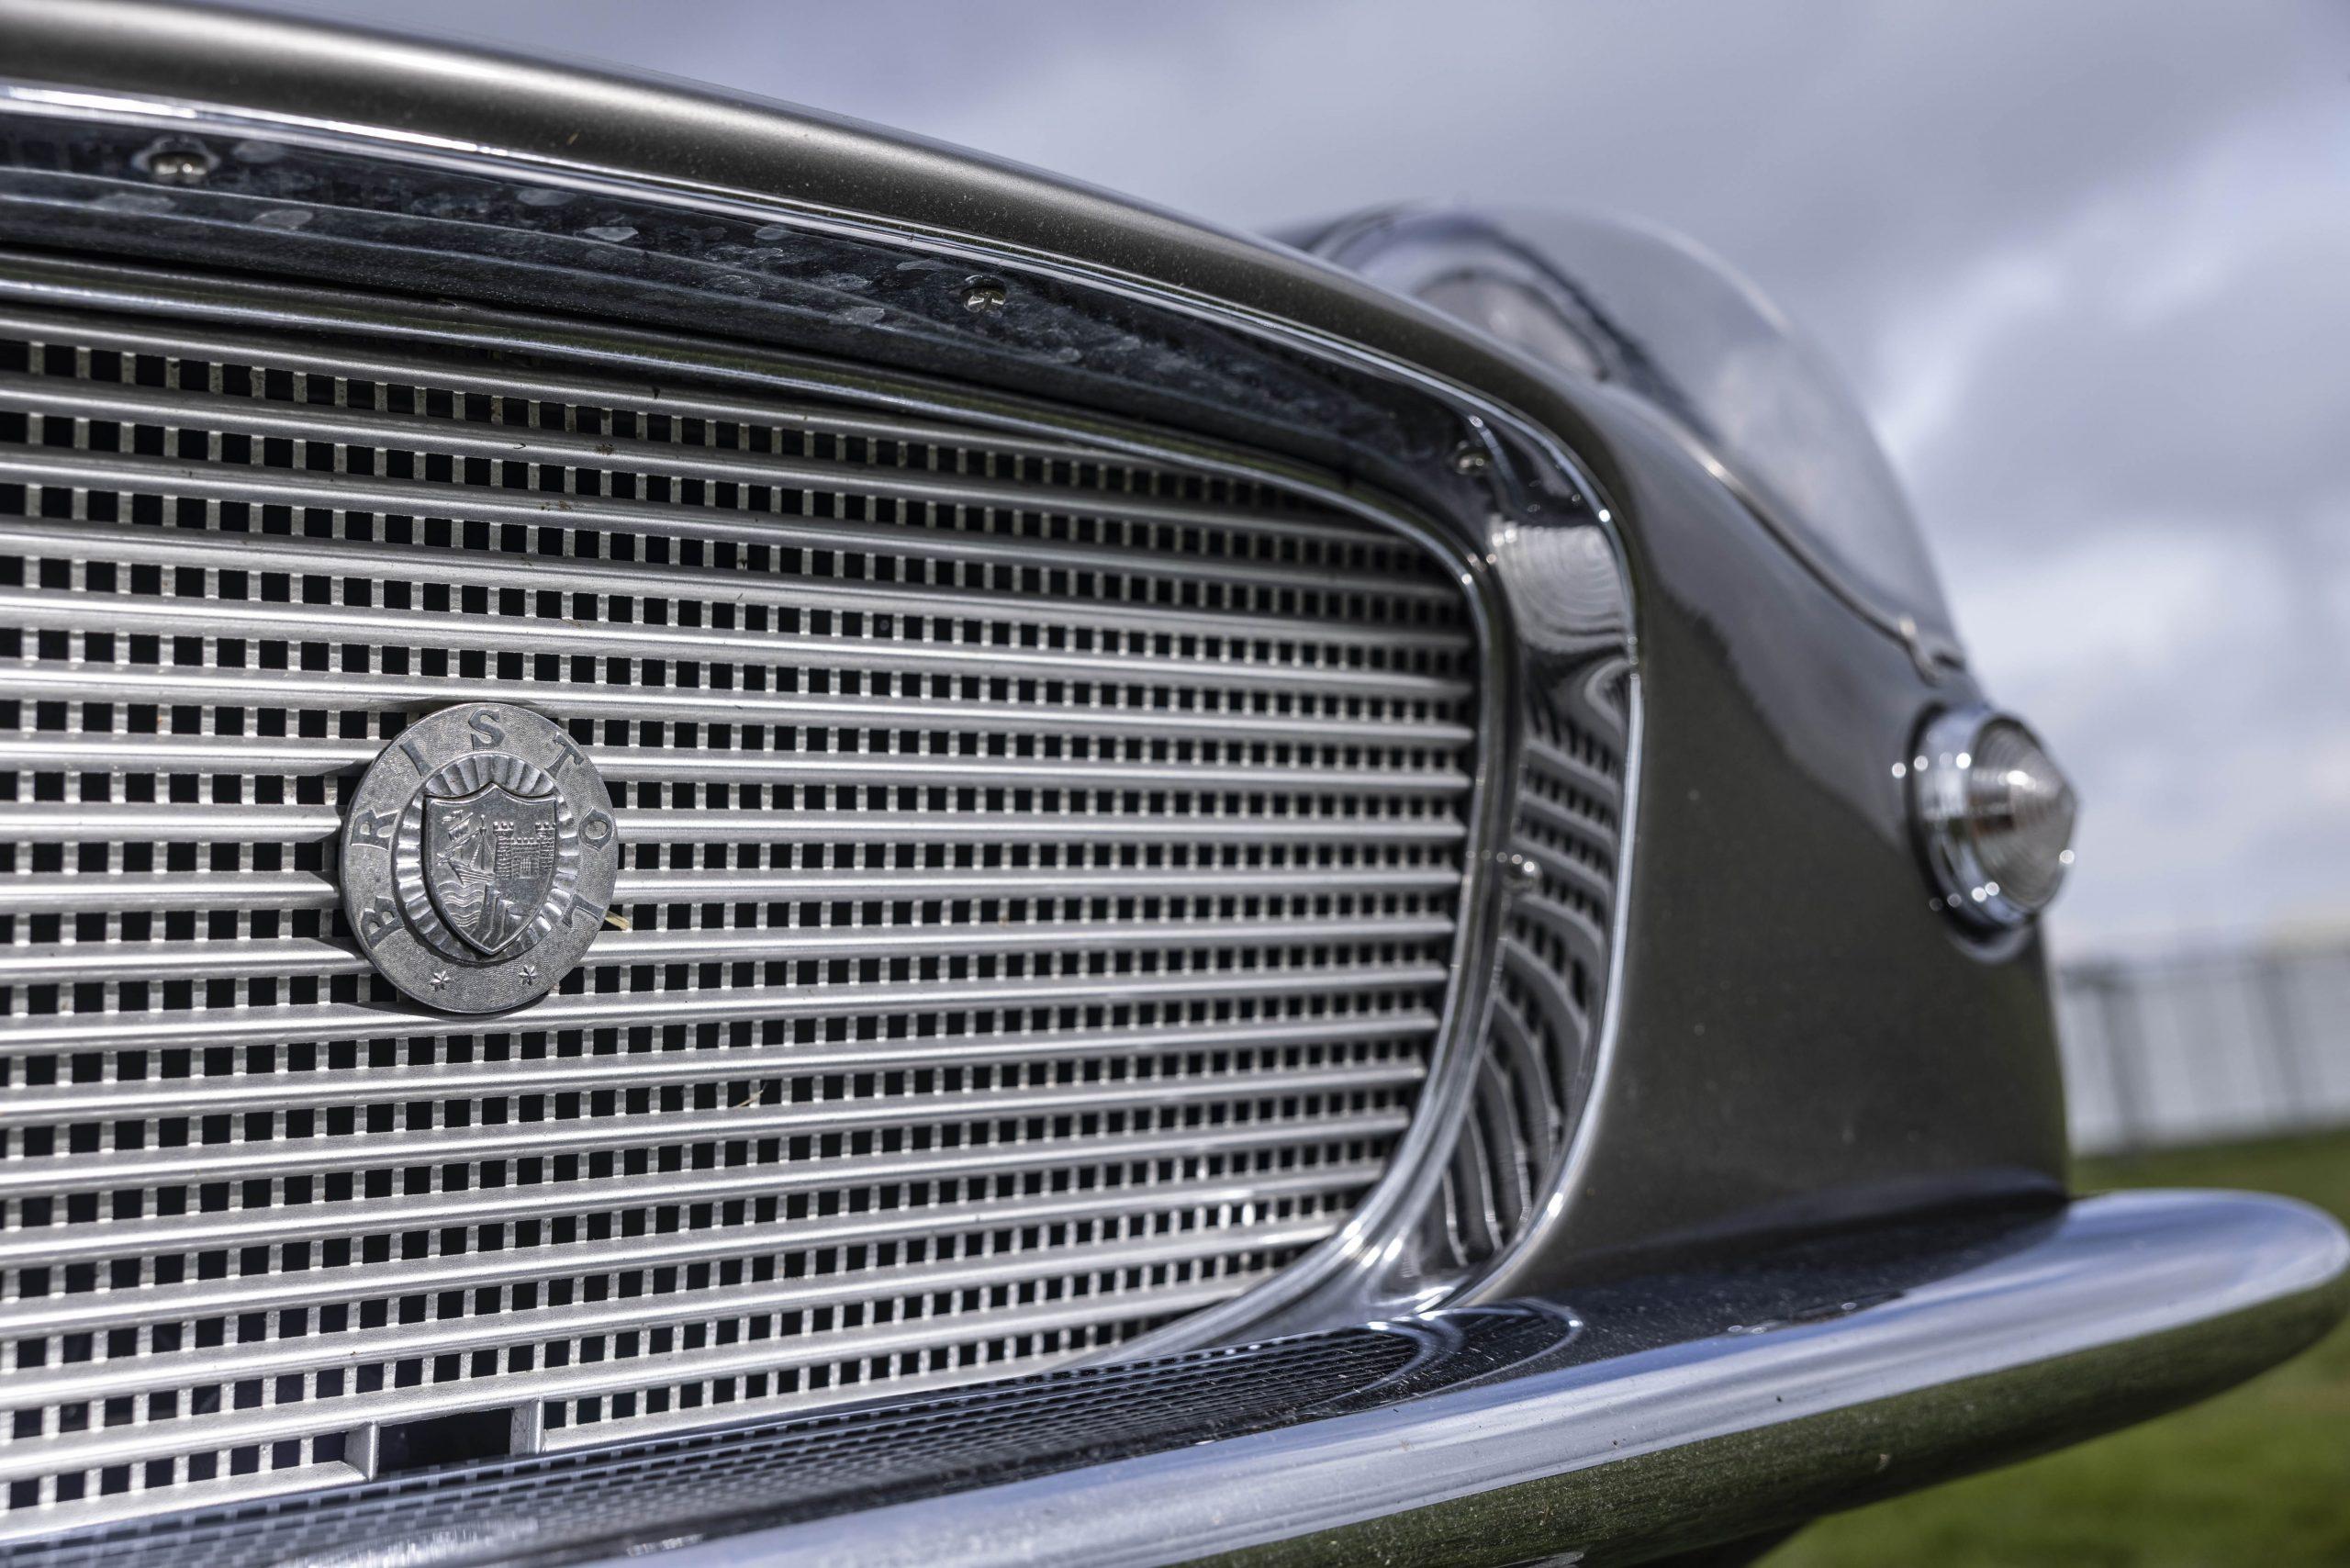 Zagato-bodied Bristol 406 grille